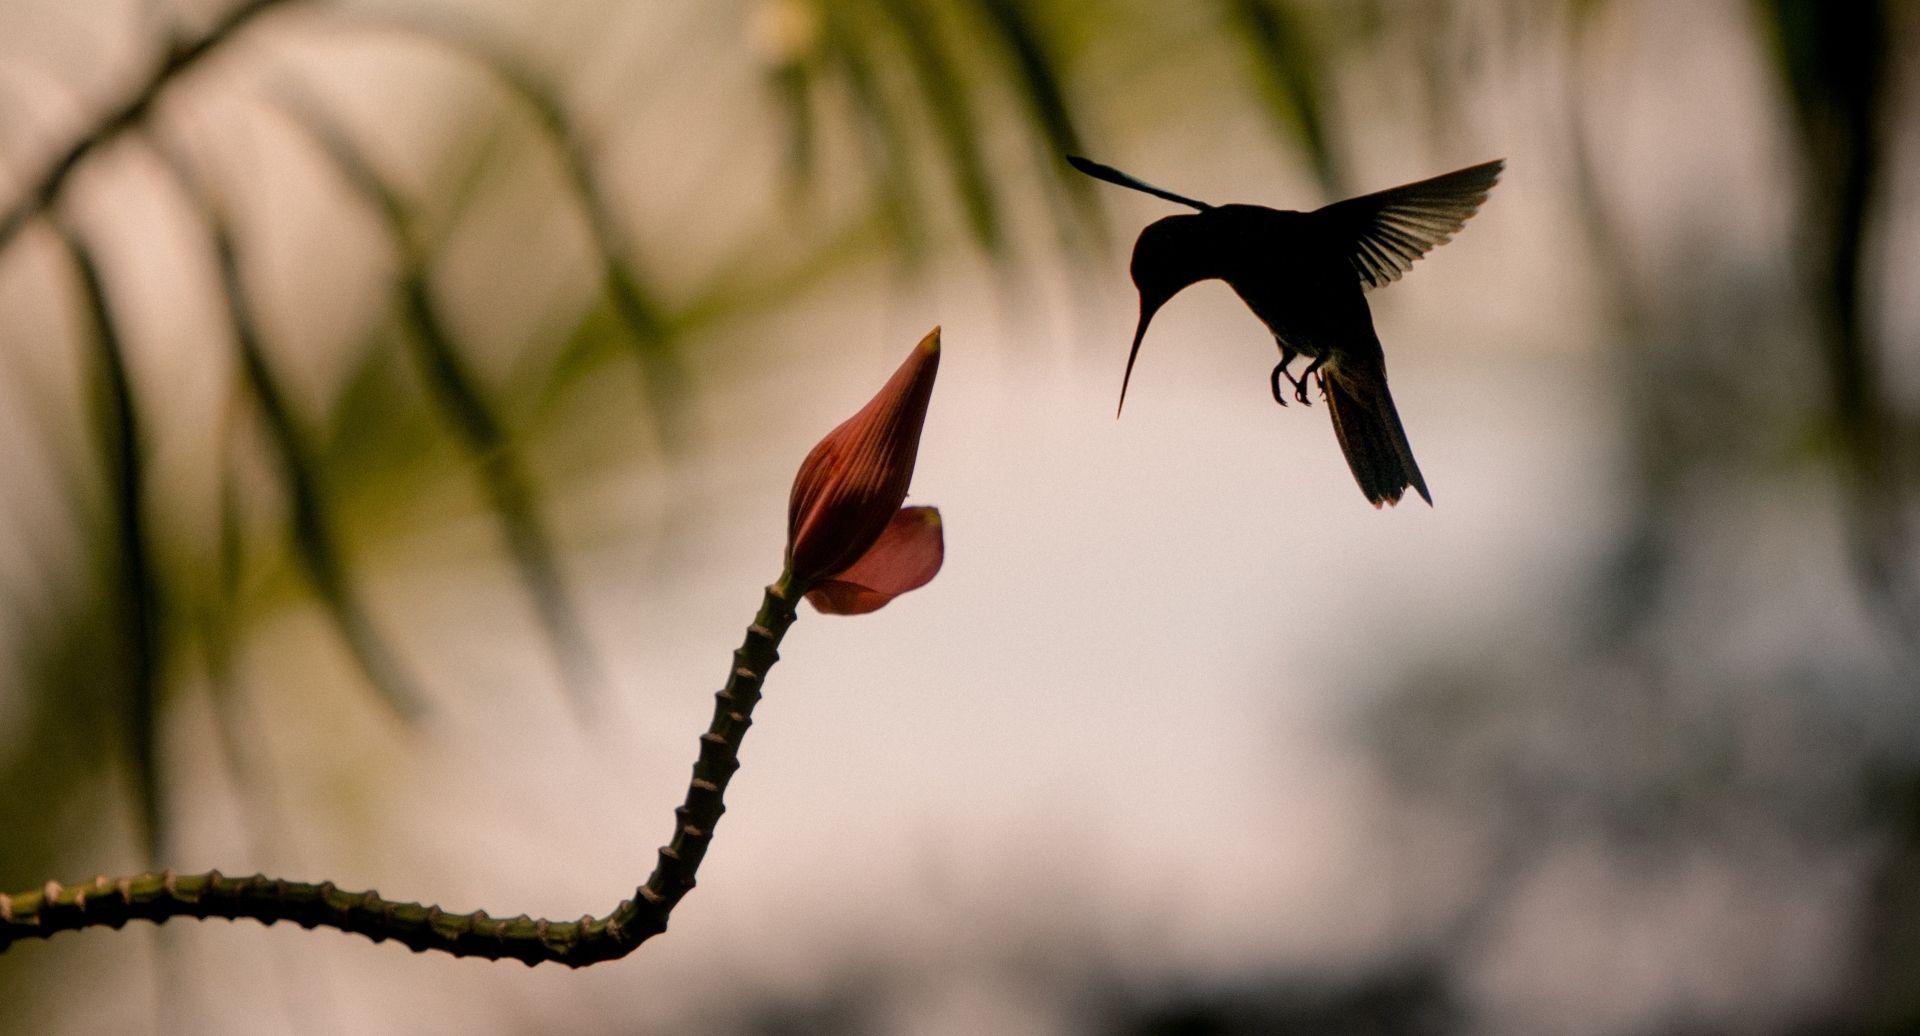 Move_Mountains_Luxury_Holidays_Sustainable_Americas_Panama_Islas_Secas_wildlife_hummingbird